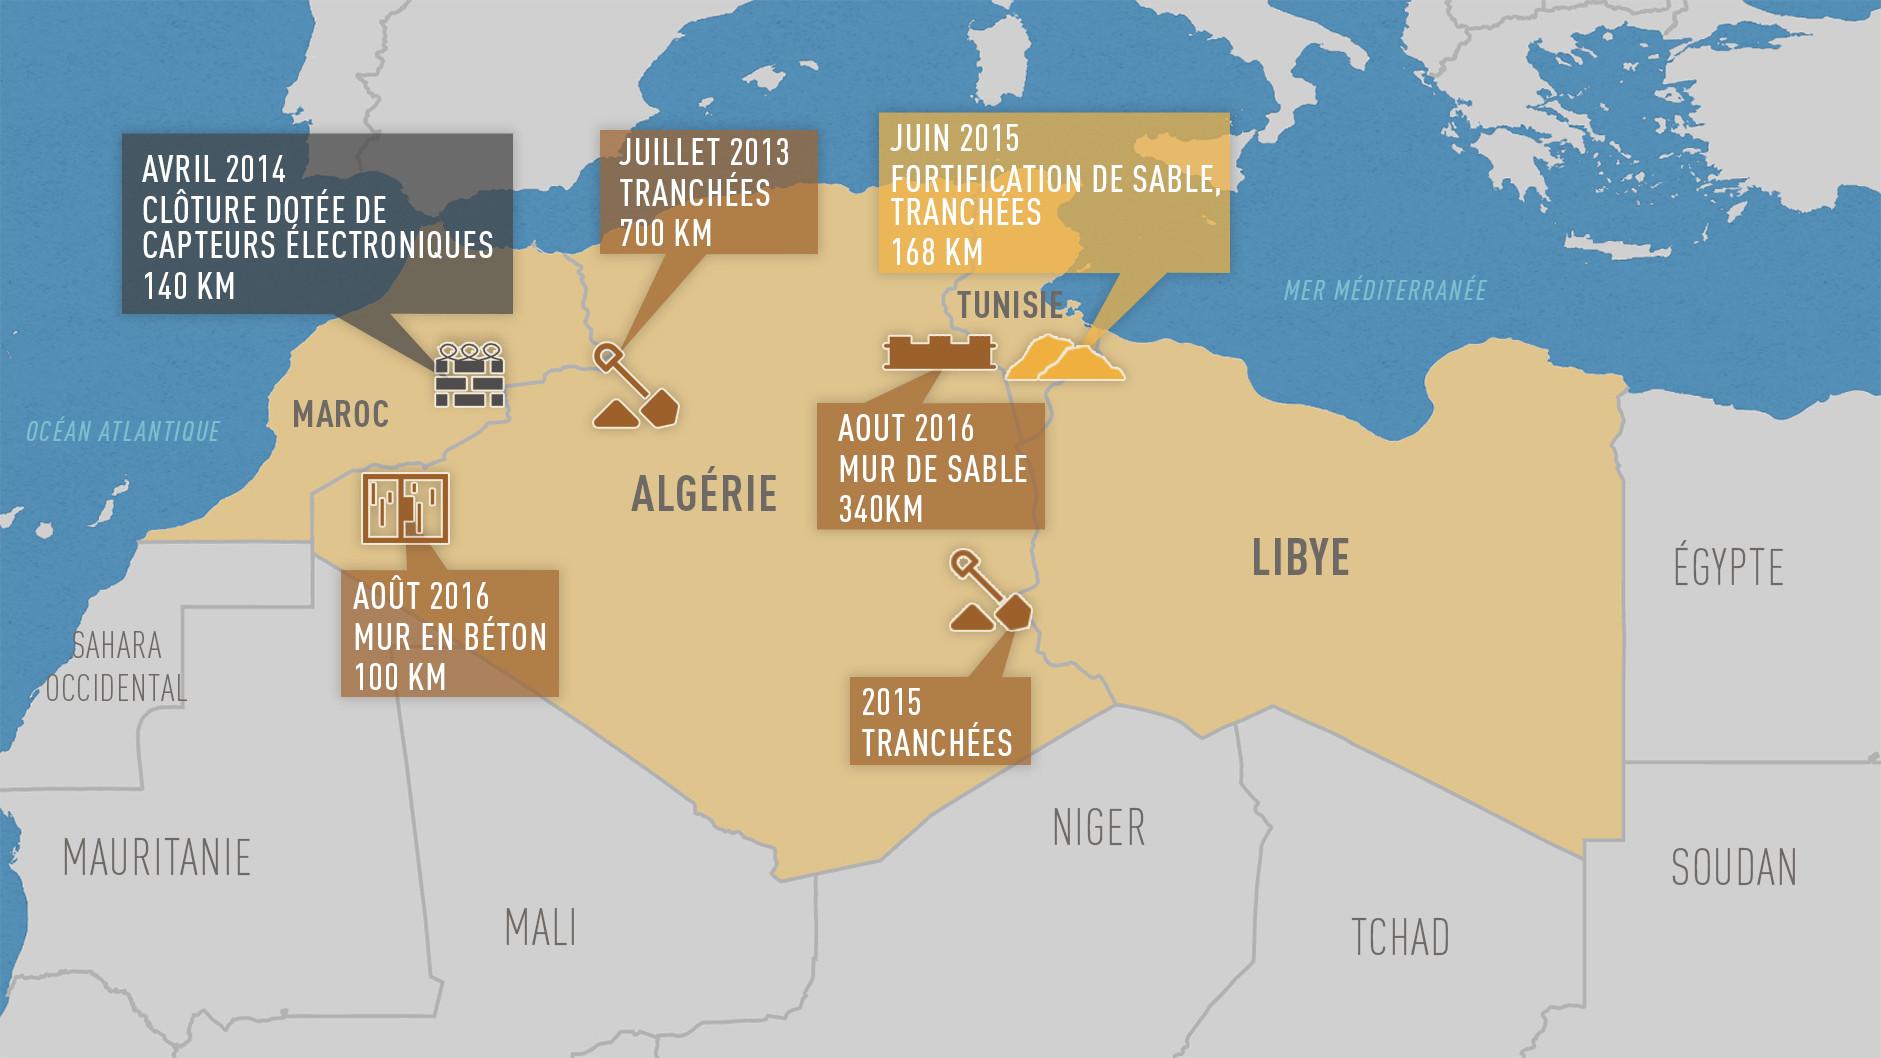 Mur entre l'Algérie et le Maroc : une vieille tendance régionale (CARTE)